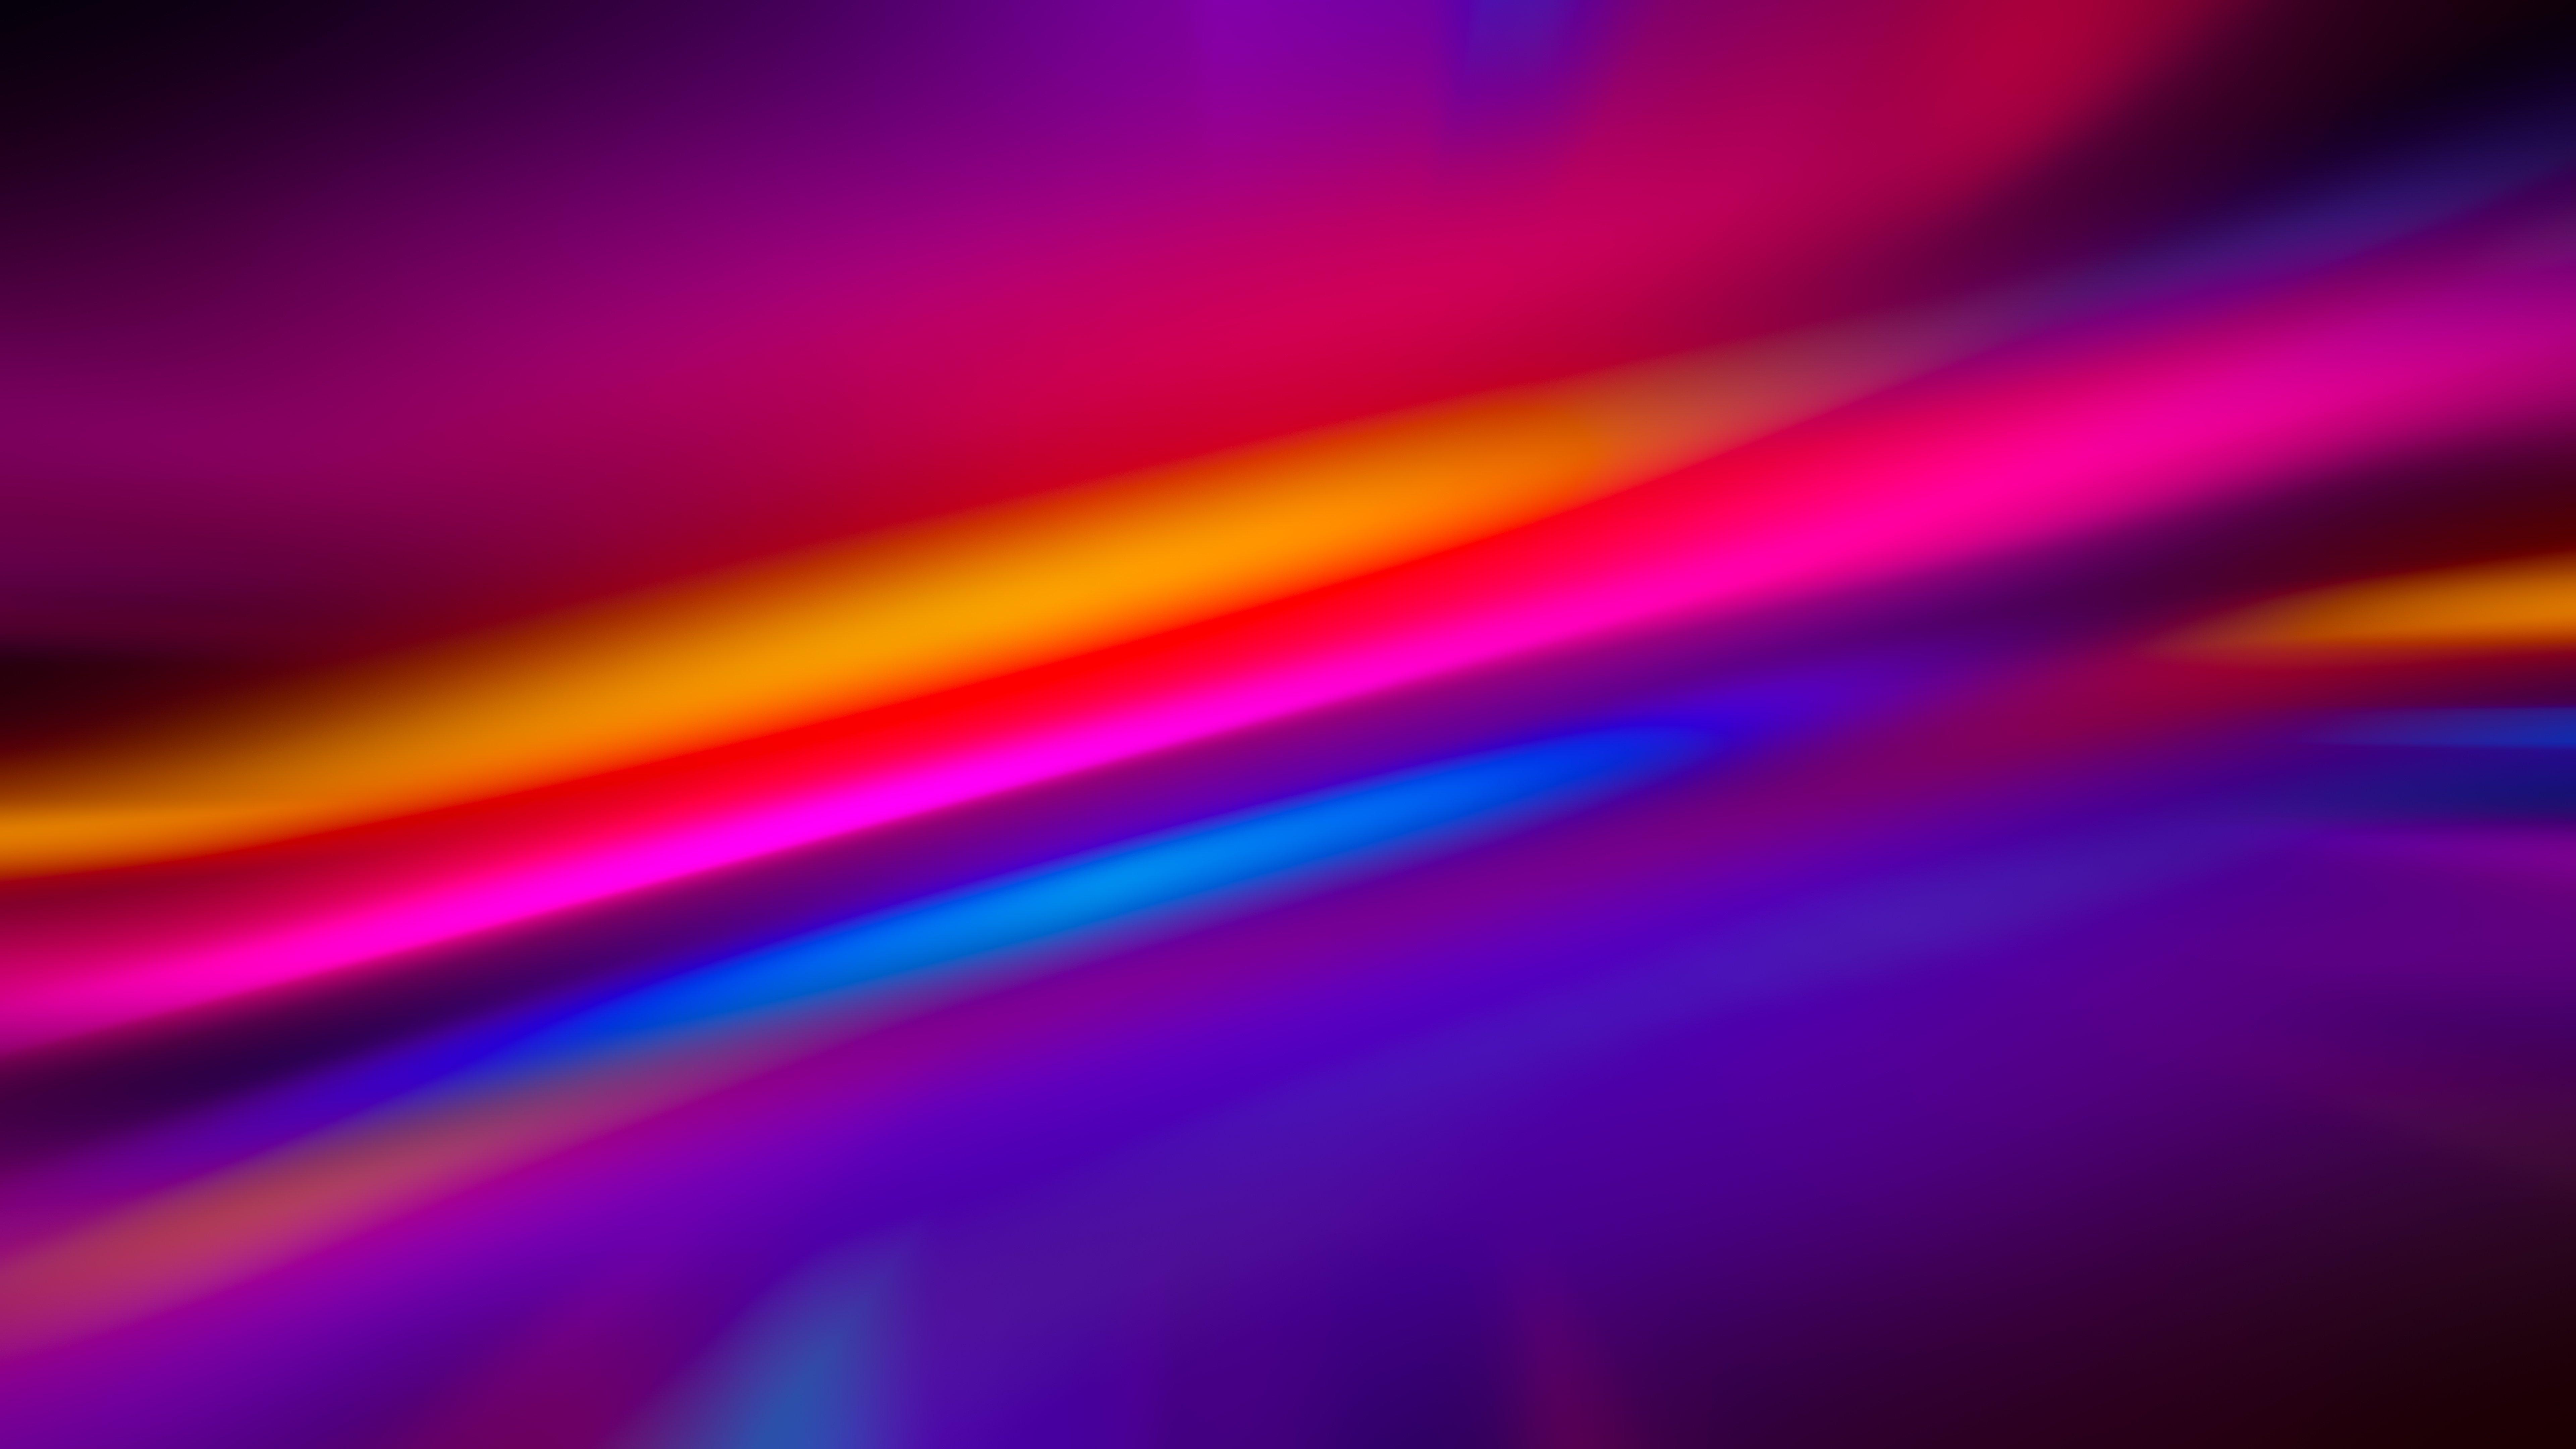 Fondos de pantalla Colores brillantes abstracto